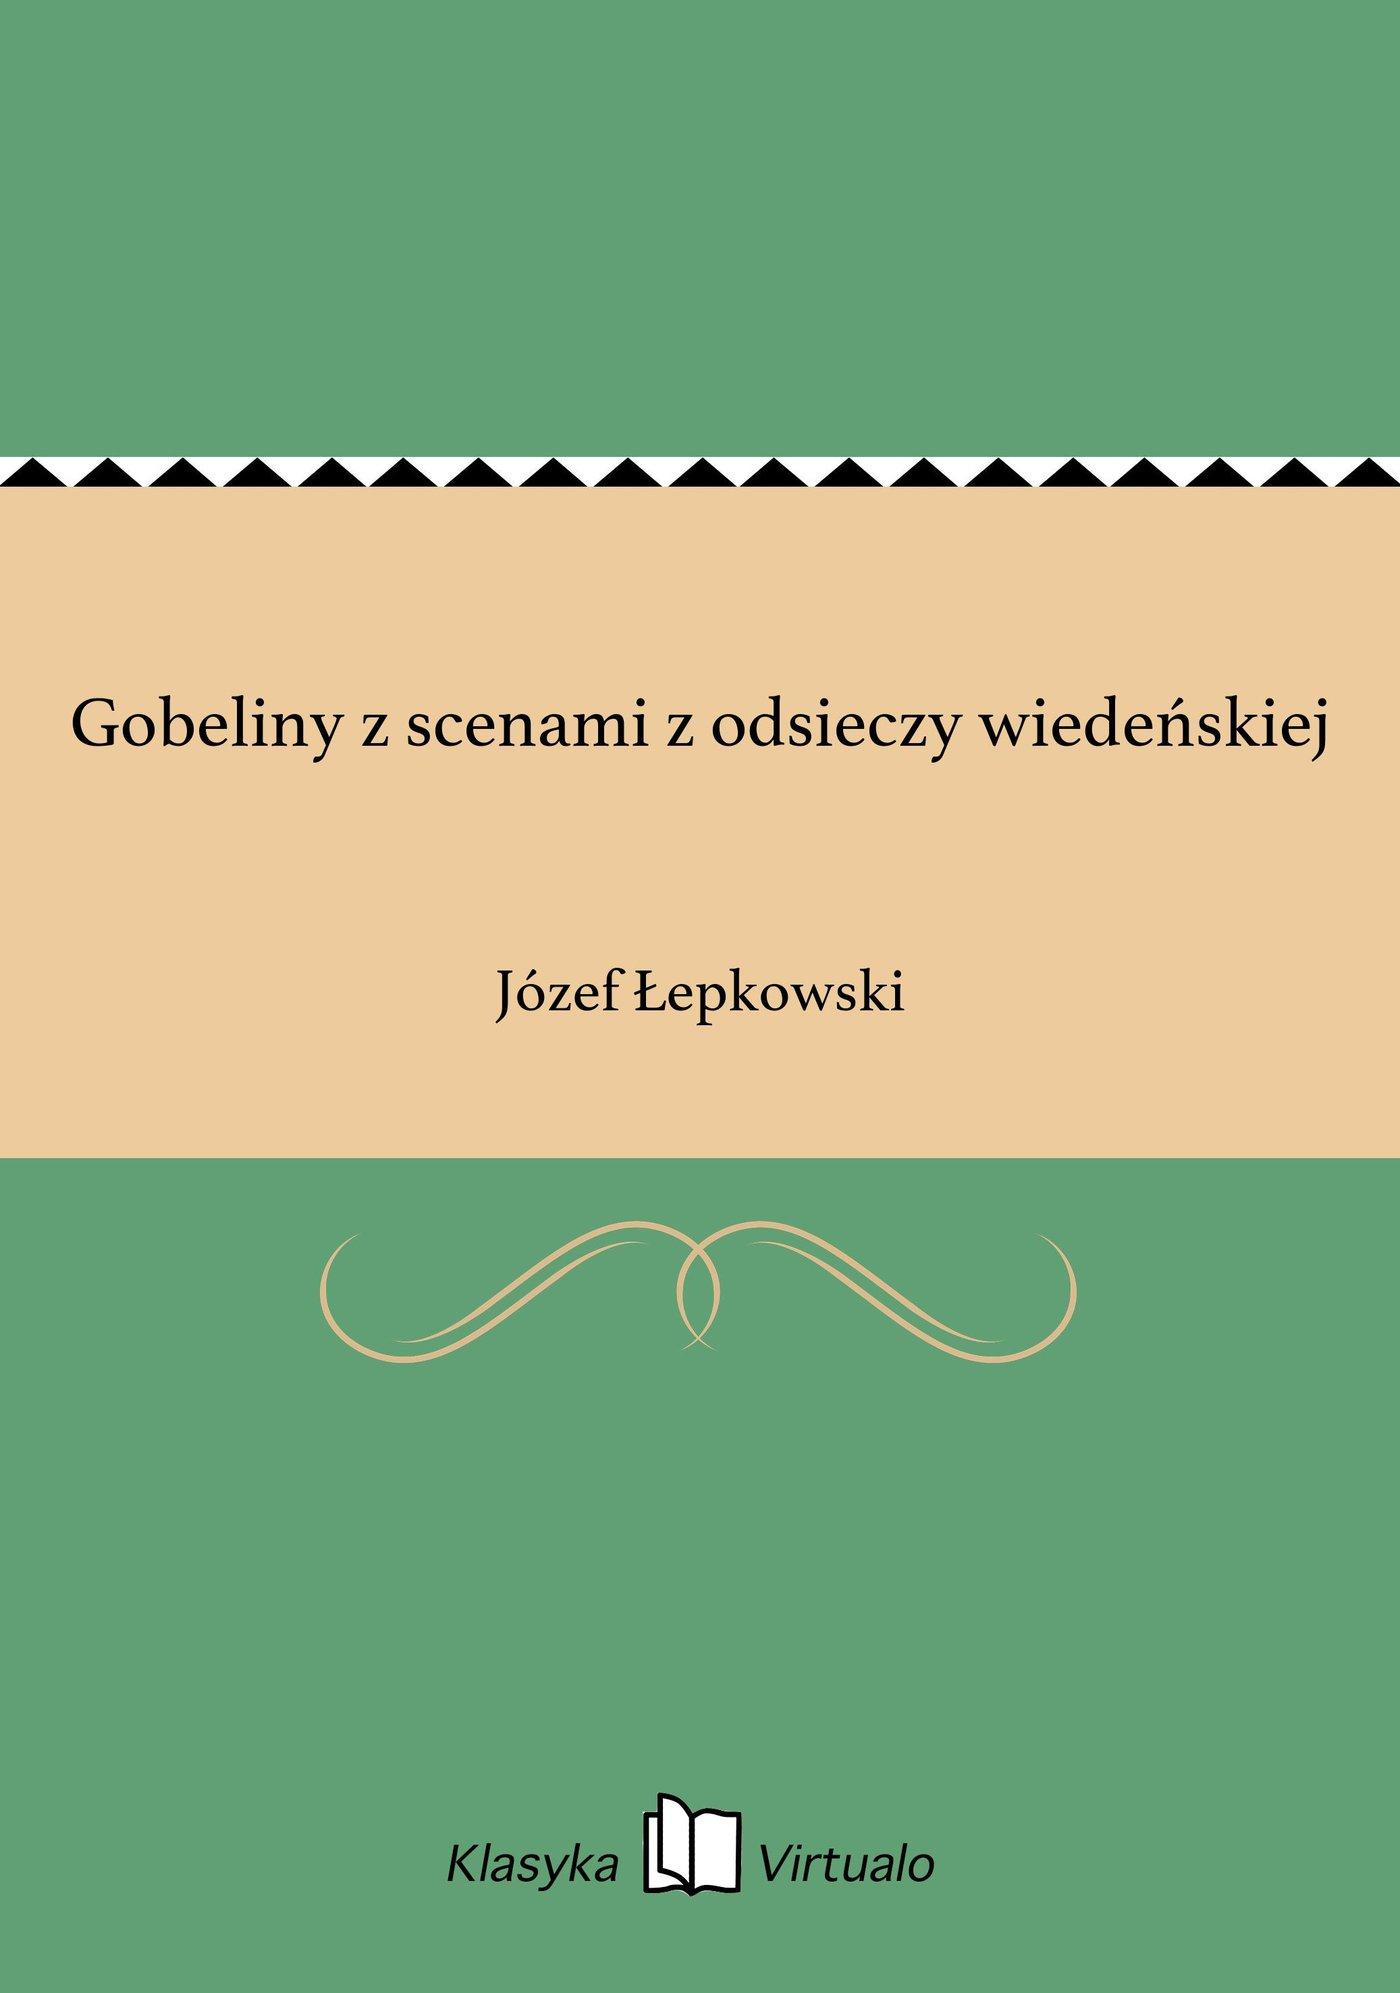 Gobeliny z scenami z odsieczy wiedeńskiej - Ebook (Książka EPUB) do pobrania w formacie EPUB